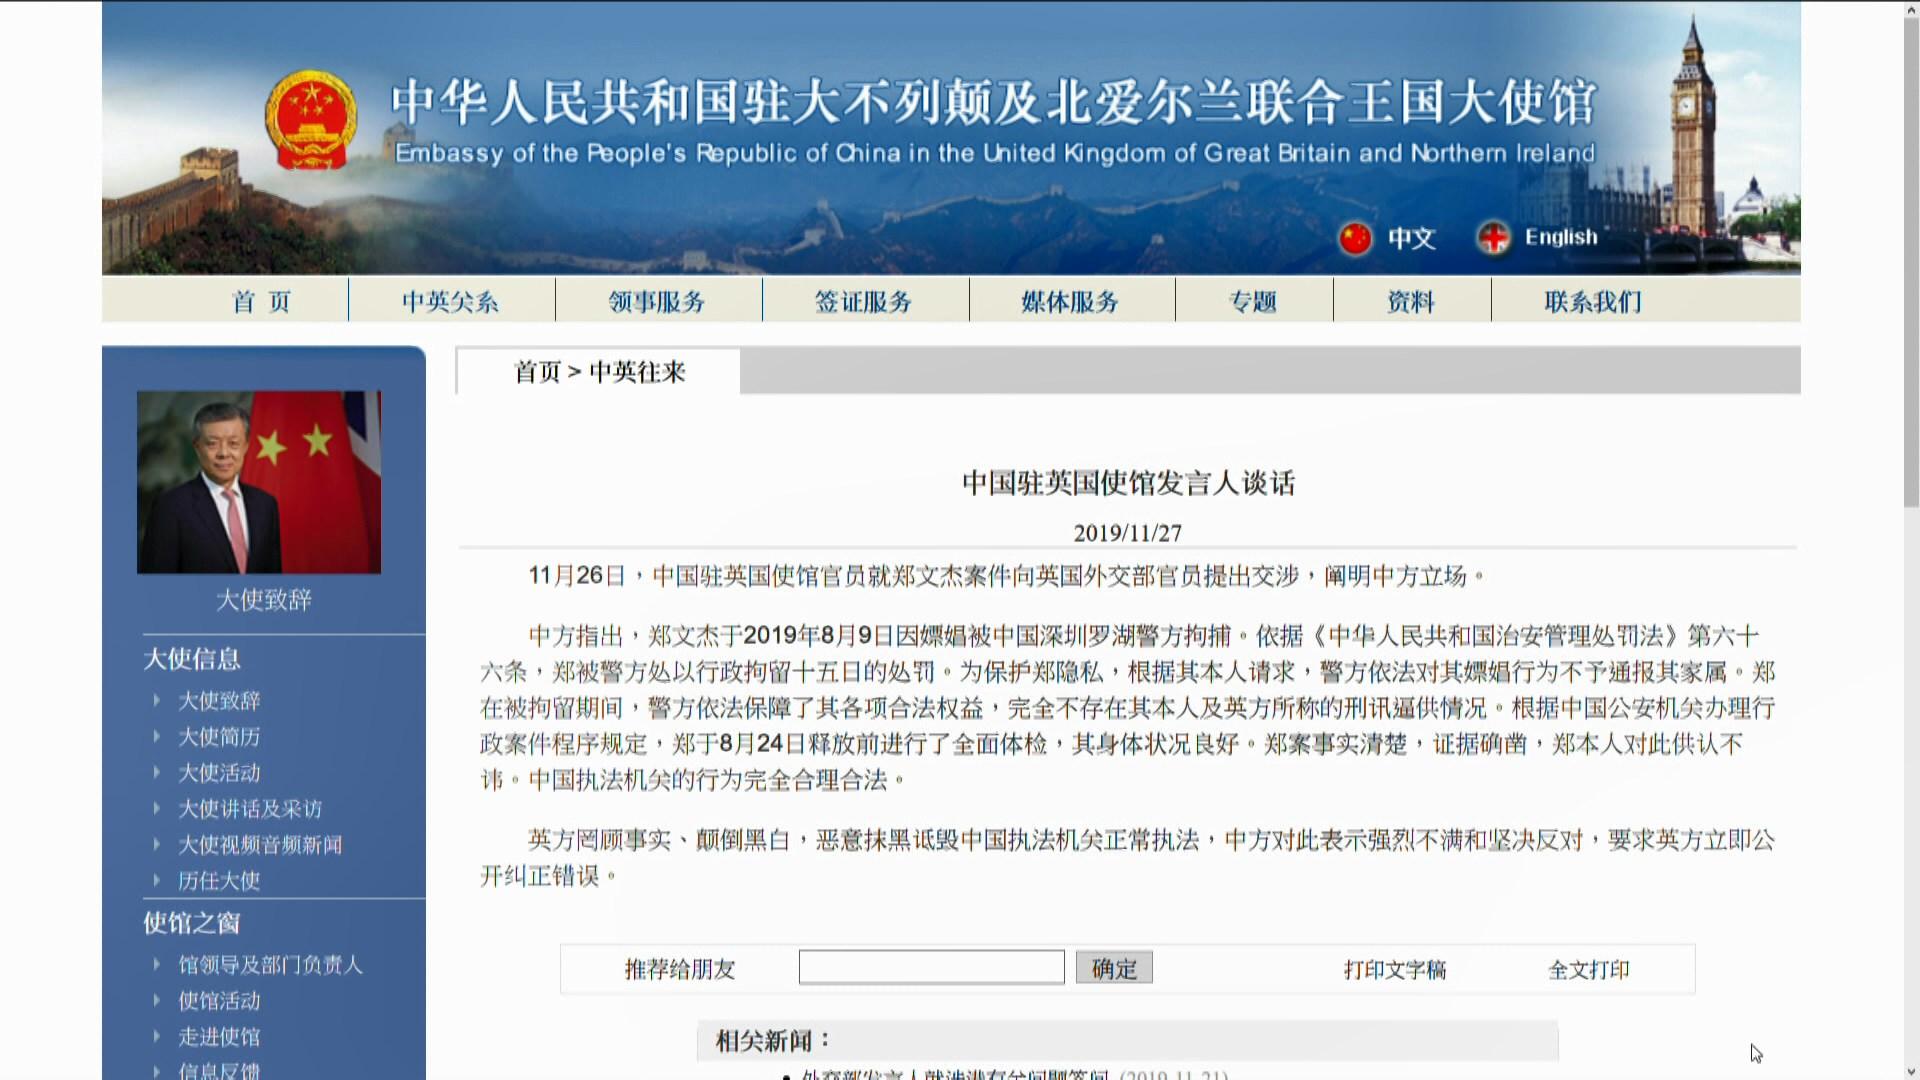 中國駐英大使館就鄭文傑案向英方提出交涉